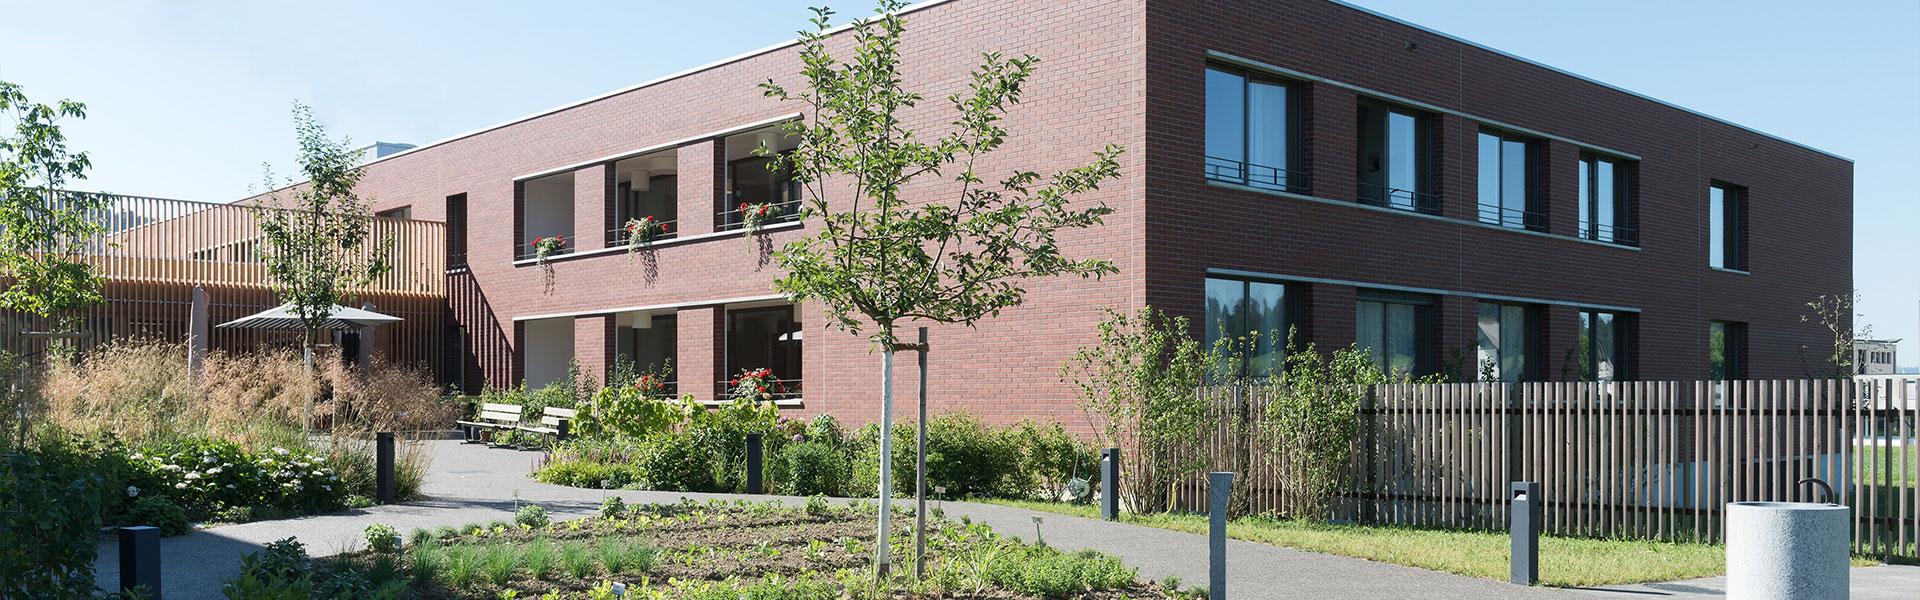 Suchen - Alterszentrum Sumiswald AG